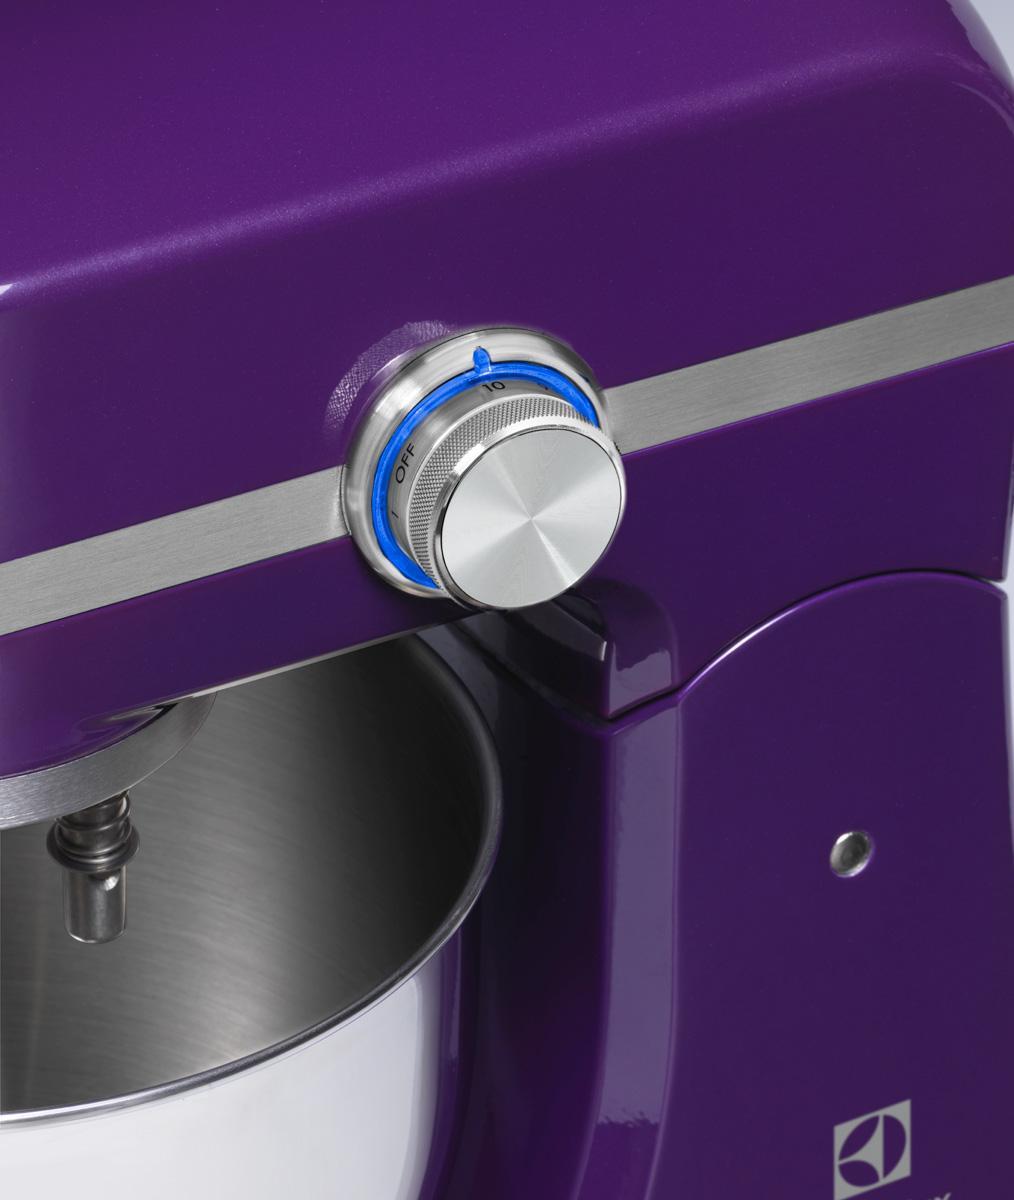 Yleiskone Electrolux Assistent EKM4810 1000W violetti  Taloon com